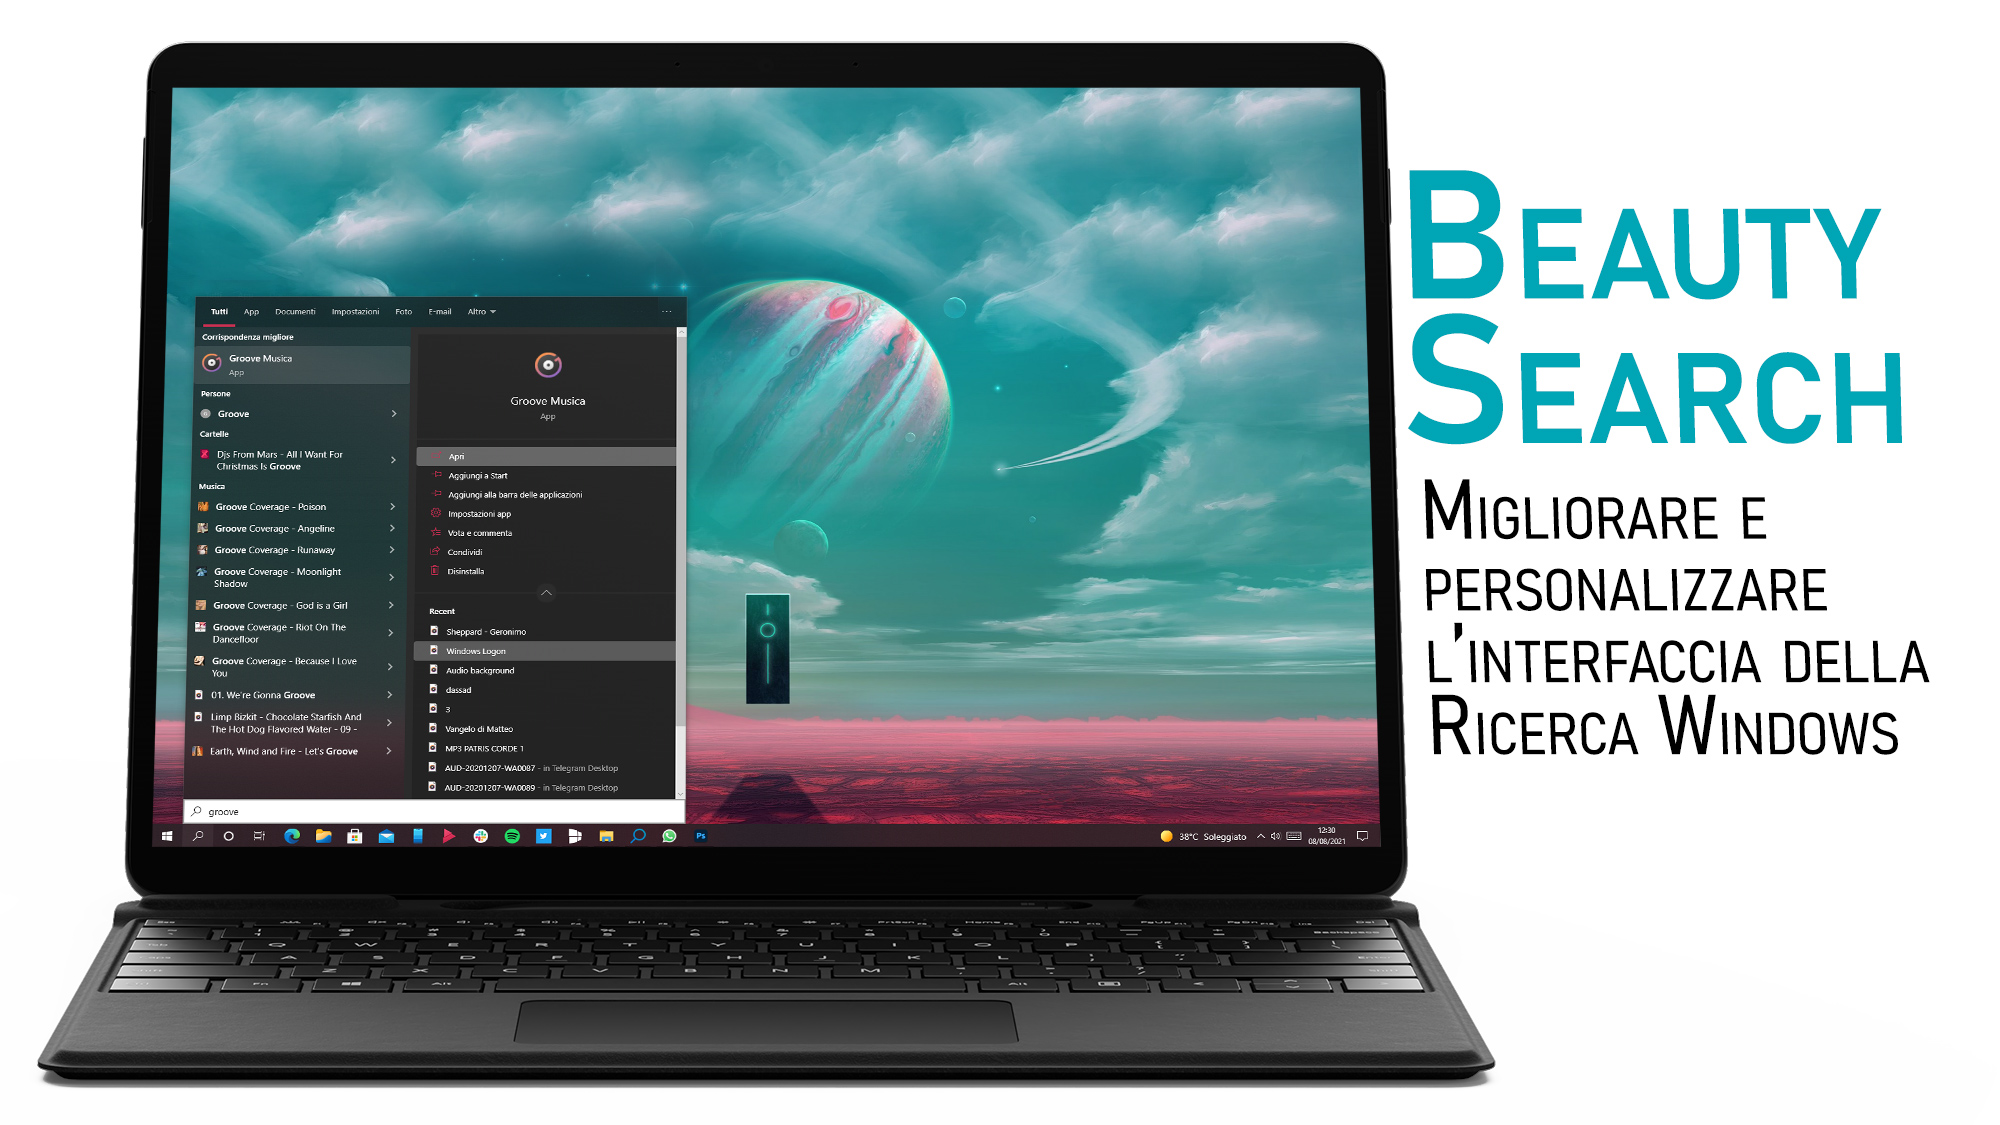 BeautySearch - Come migliorare l'interfaccia grafica della Ricerca Windows